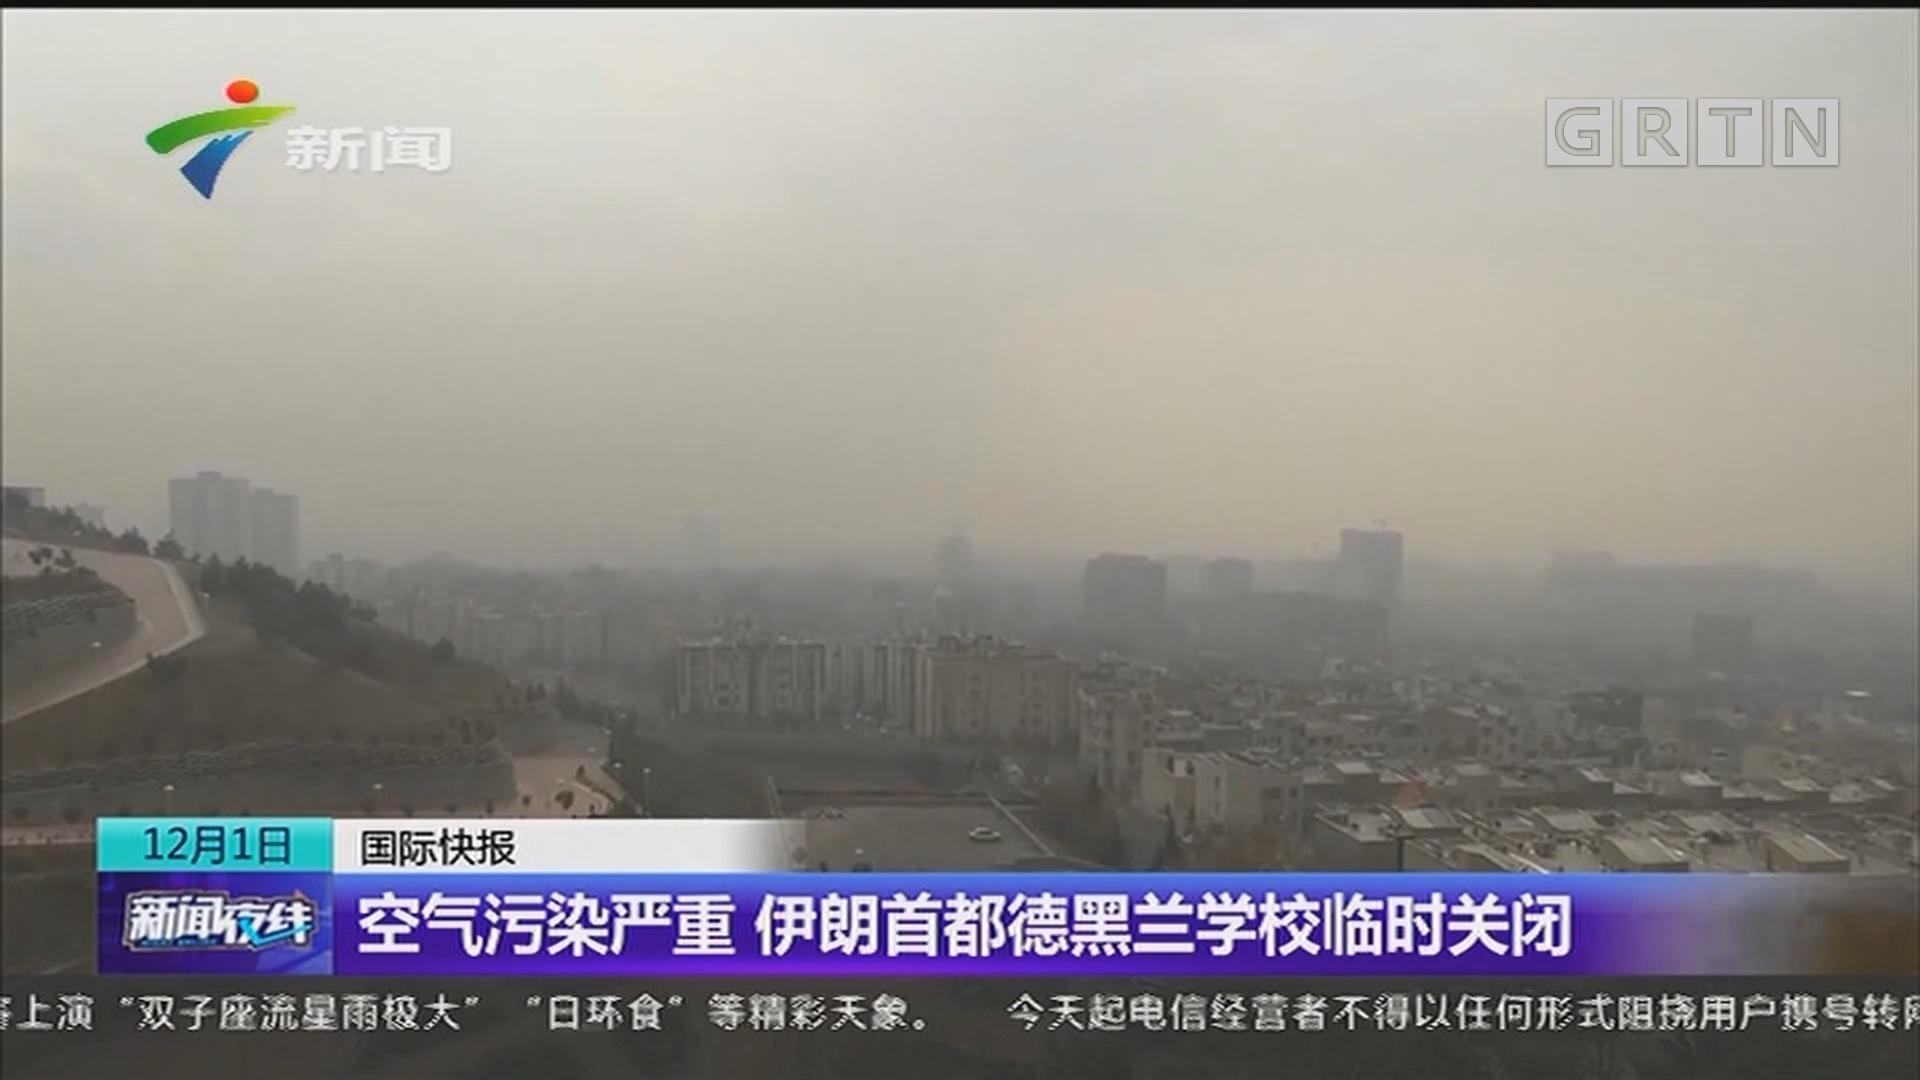 空气污染严重 伊朗首都德黑兰学校临时关闭